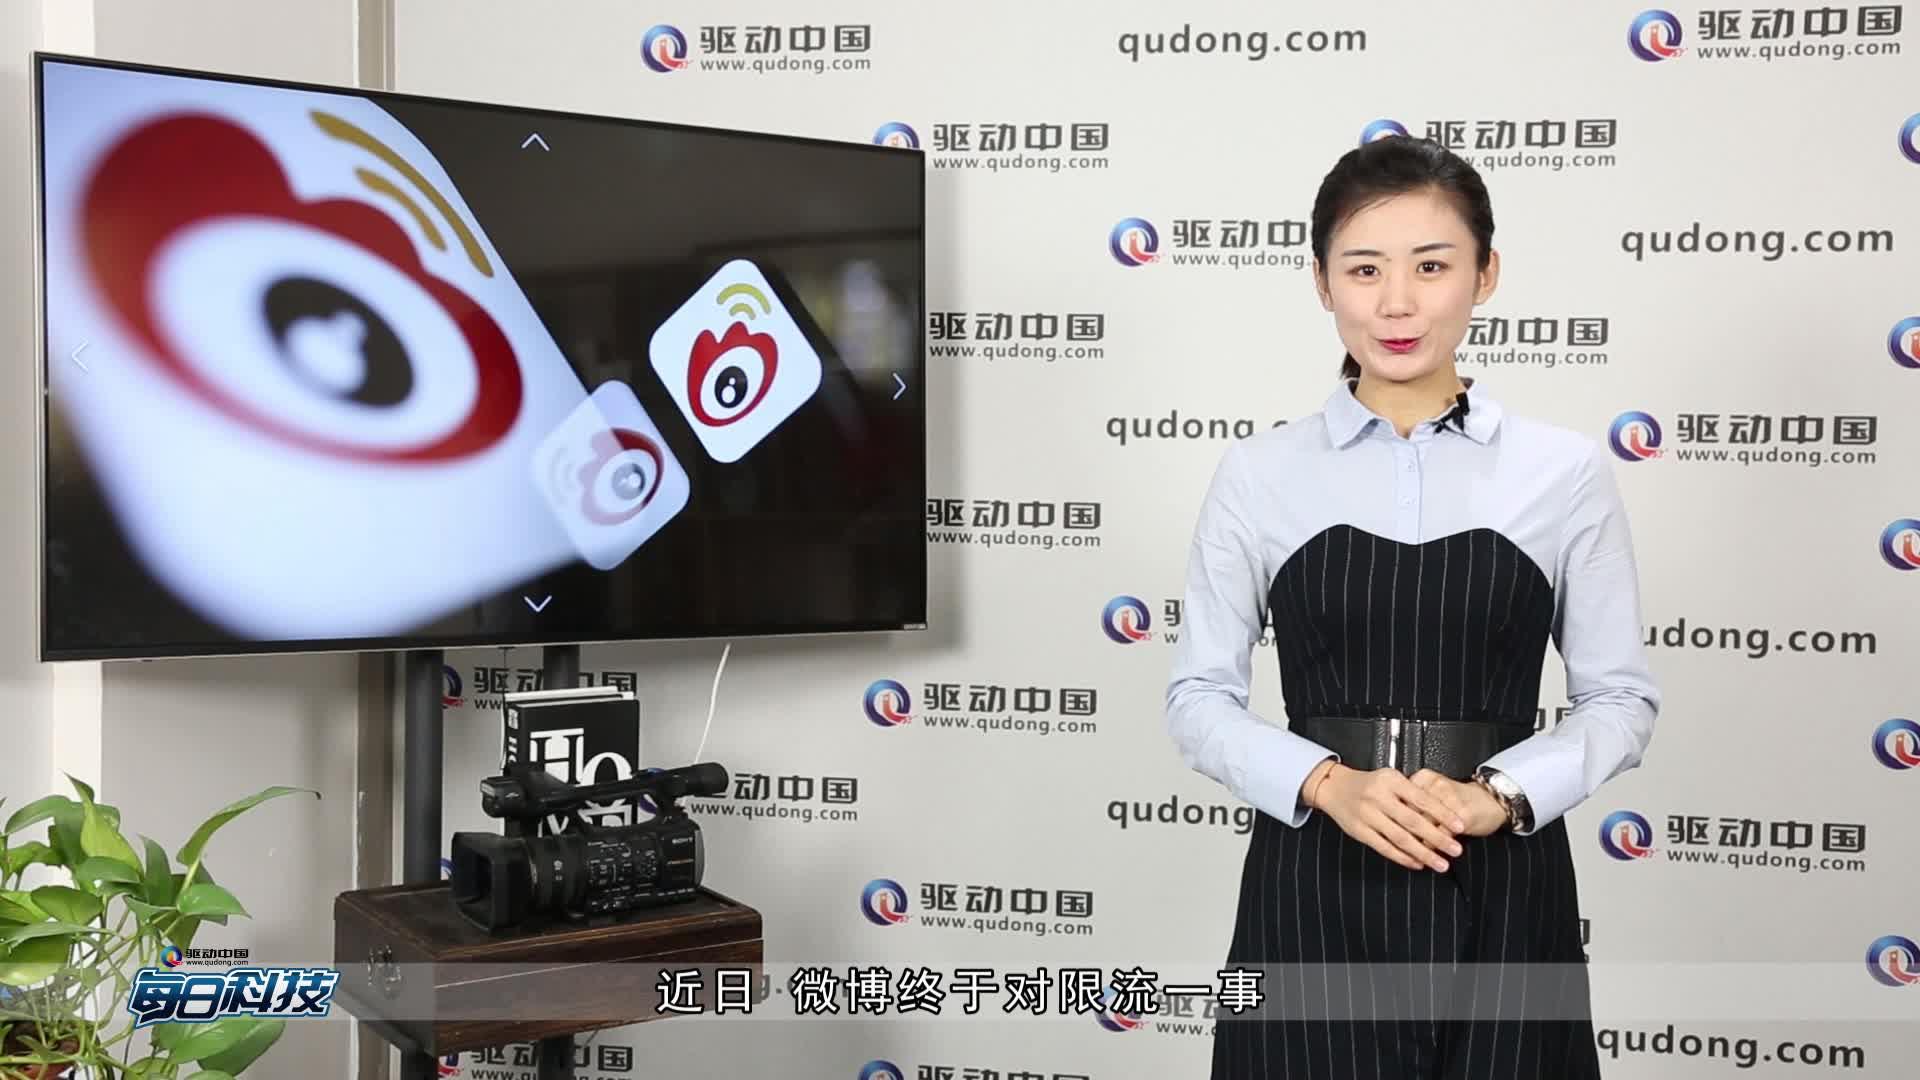 每日科技 新浪微博回应限流质疑 赵薇夫妇否认空手套白狼